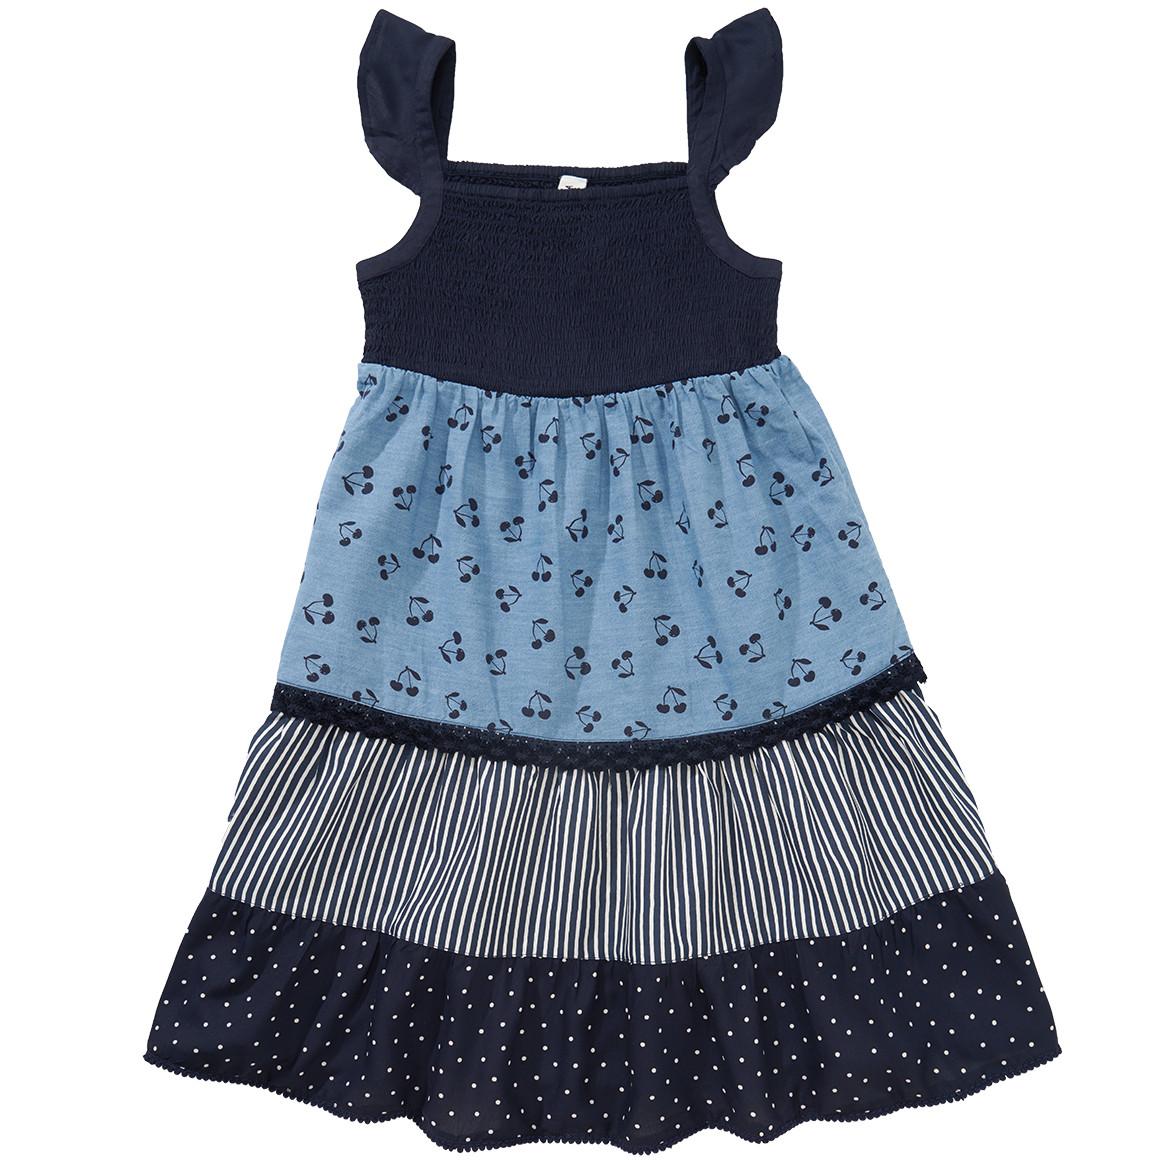 Mädchen Kleid im Patchwork Dessin